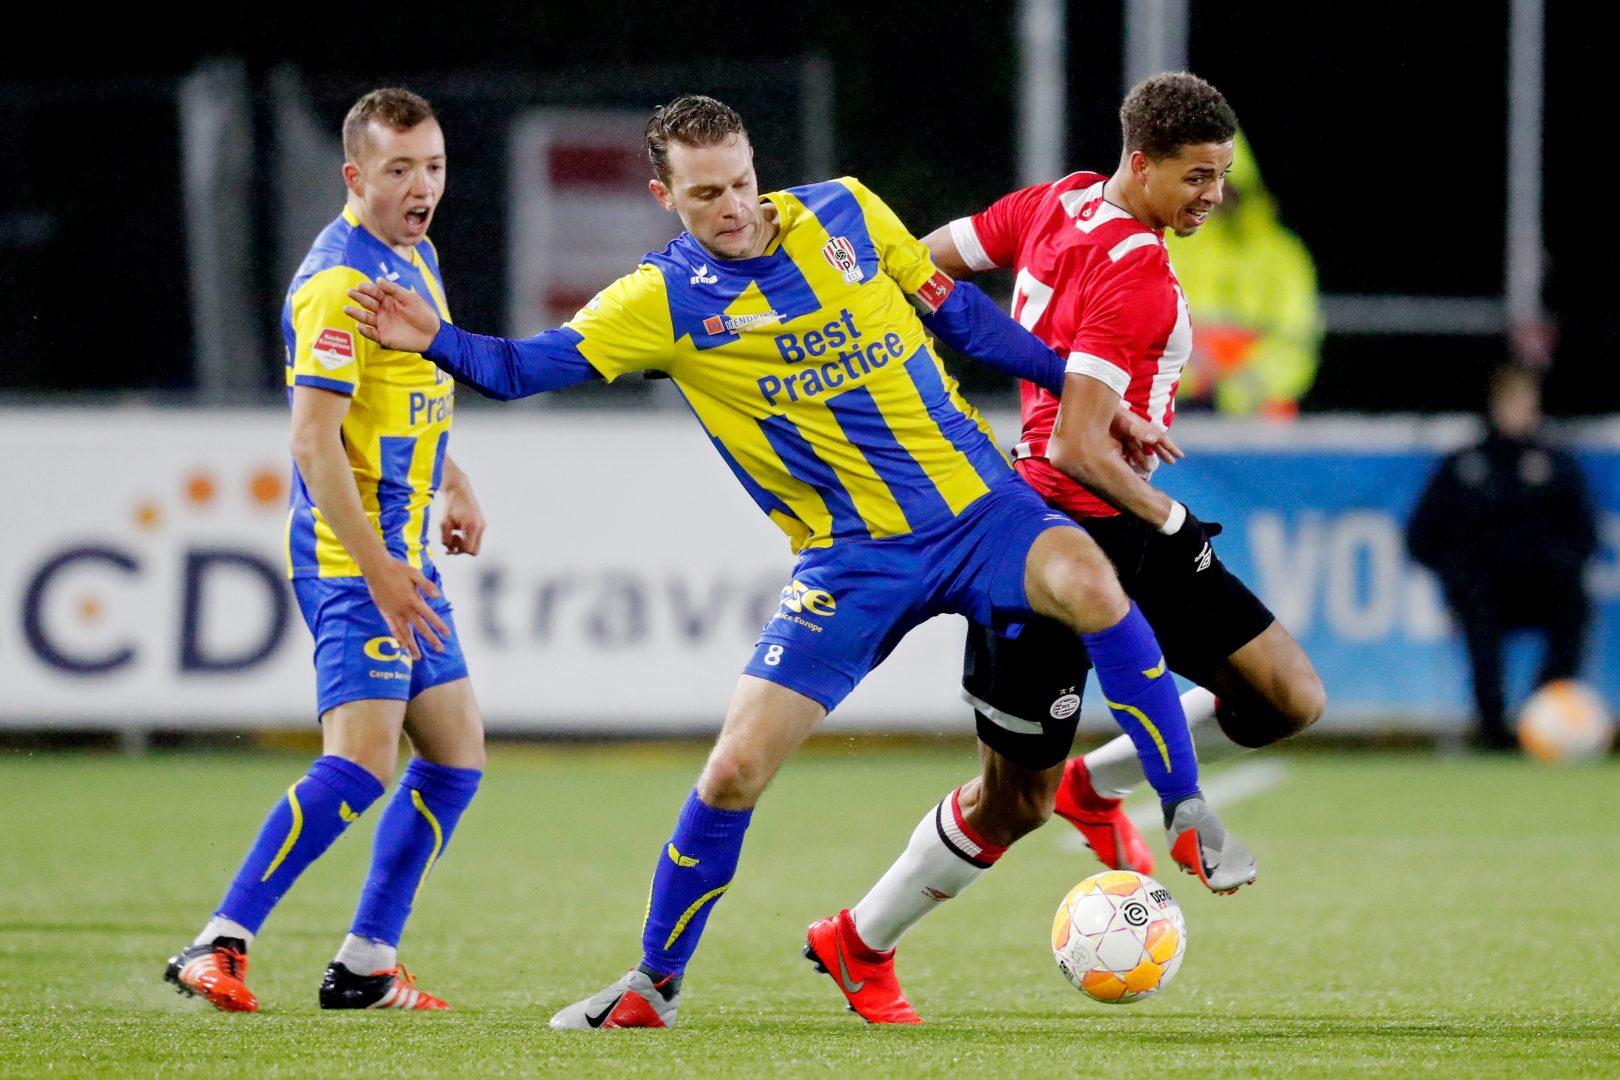 Voorbeschouwing: Jong PSV – TOP Oss